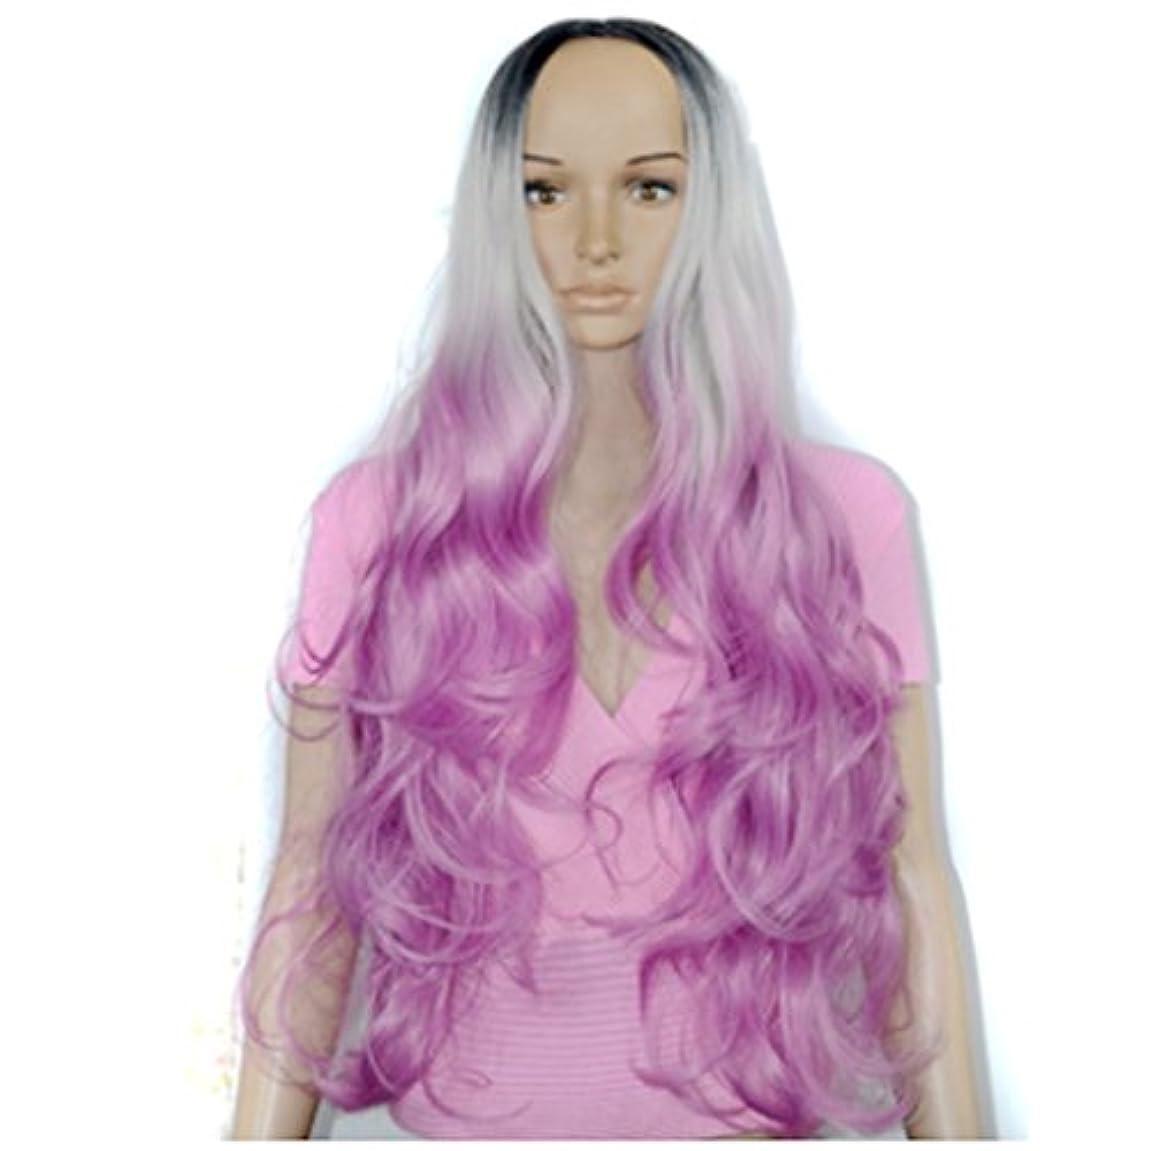 アリ弱まる最も遠いJIANFU 女性 コスプレ ウィッグ ナチュラル ミディアム 長い 巻き髪 ウィッグ カラー グラデーション アニメ (色 : Color gradient)